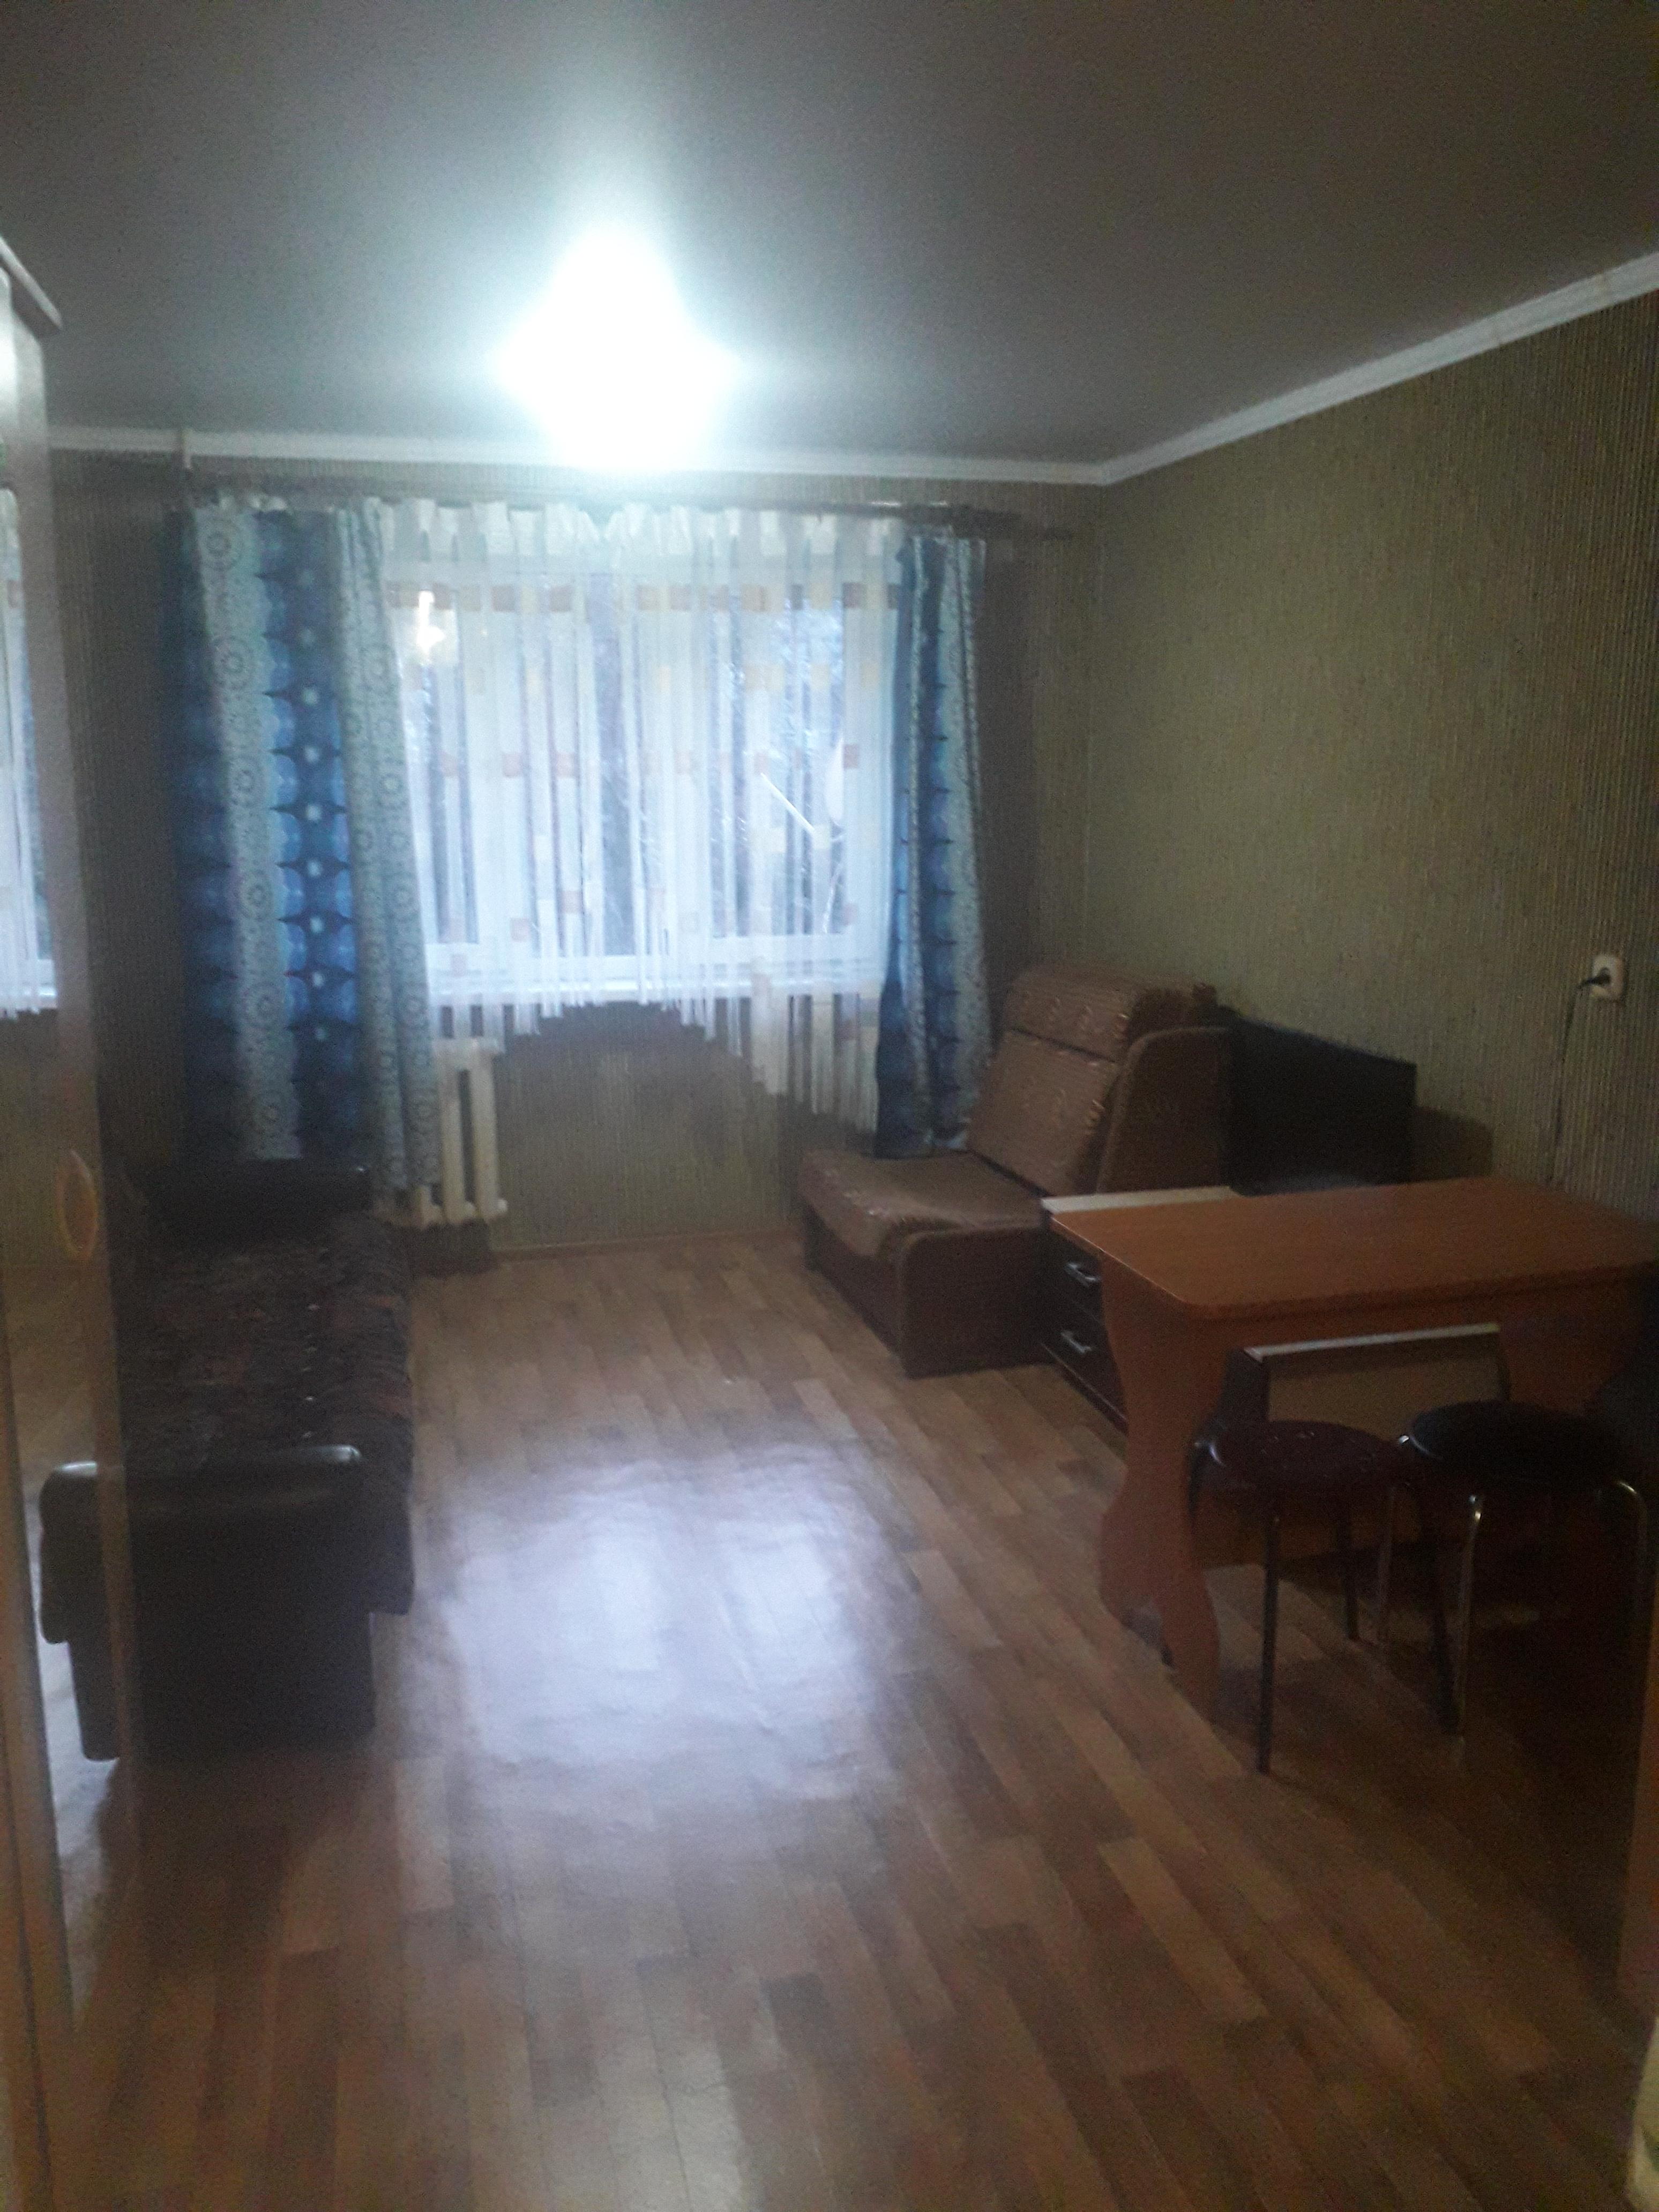 Сдам - Малосемейка в Сочи на Донской -Донская - цена: 15000